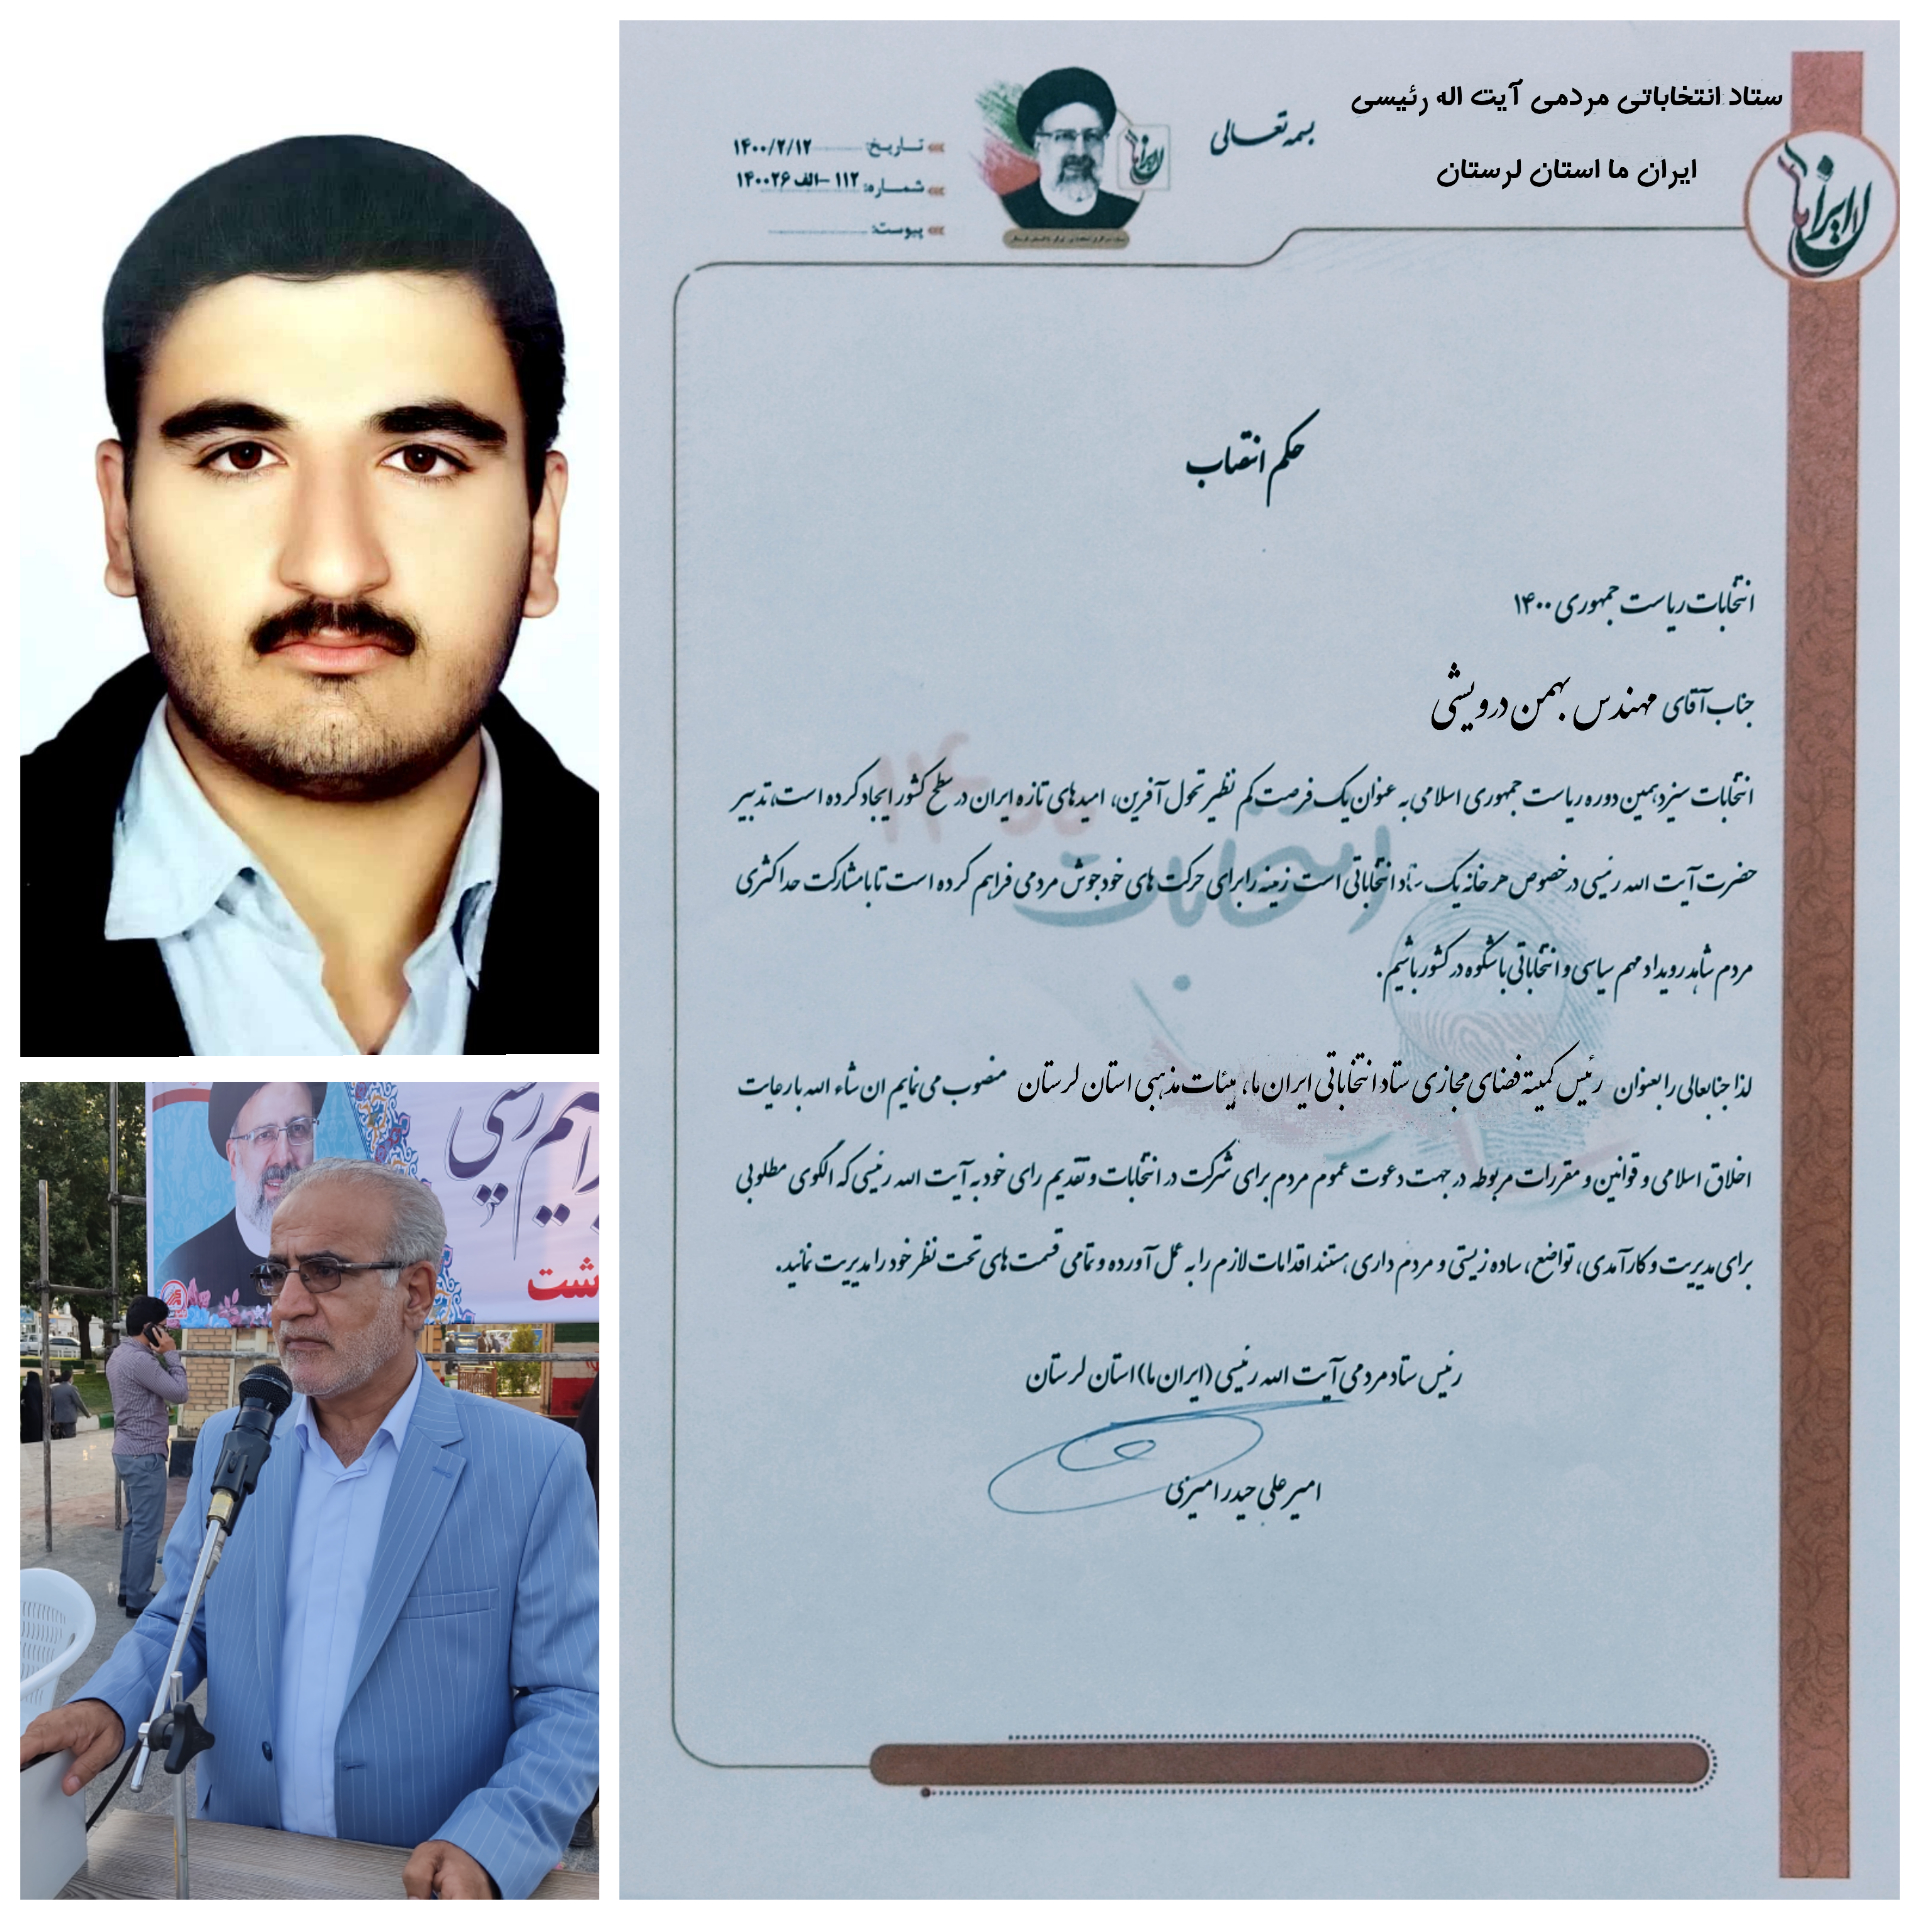 رئیس کمیته فضای مجازی ستاد انتخاباتی آیت الله رئیسی ایران ما،  هیئات مذهبی استان لرستان منصوب شد